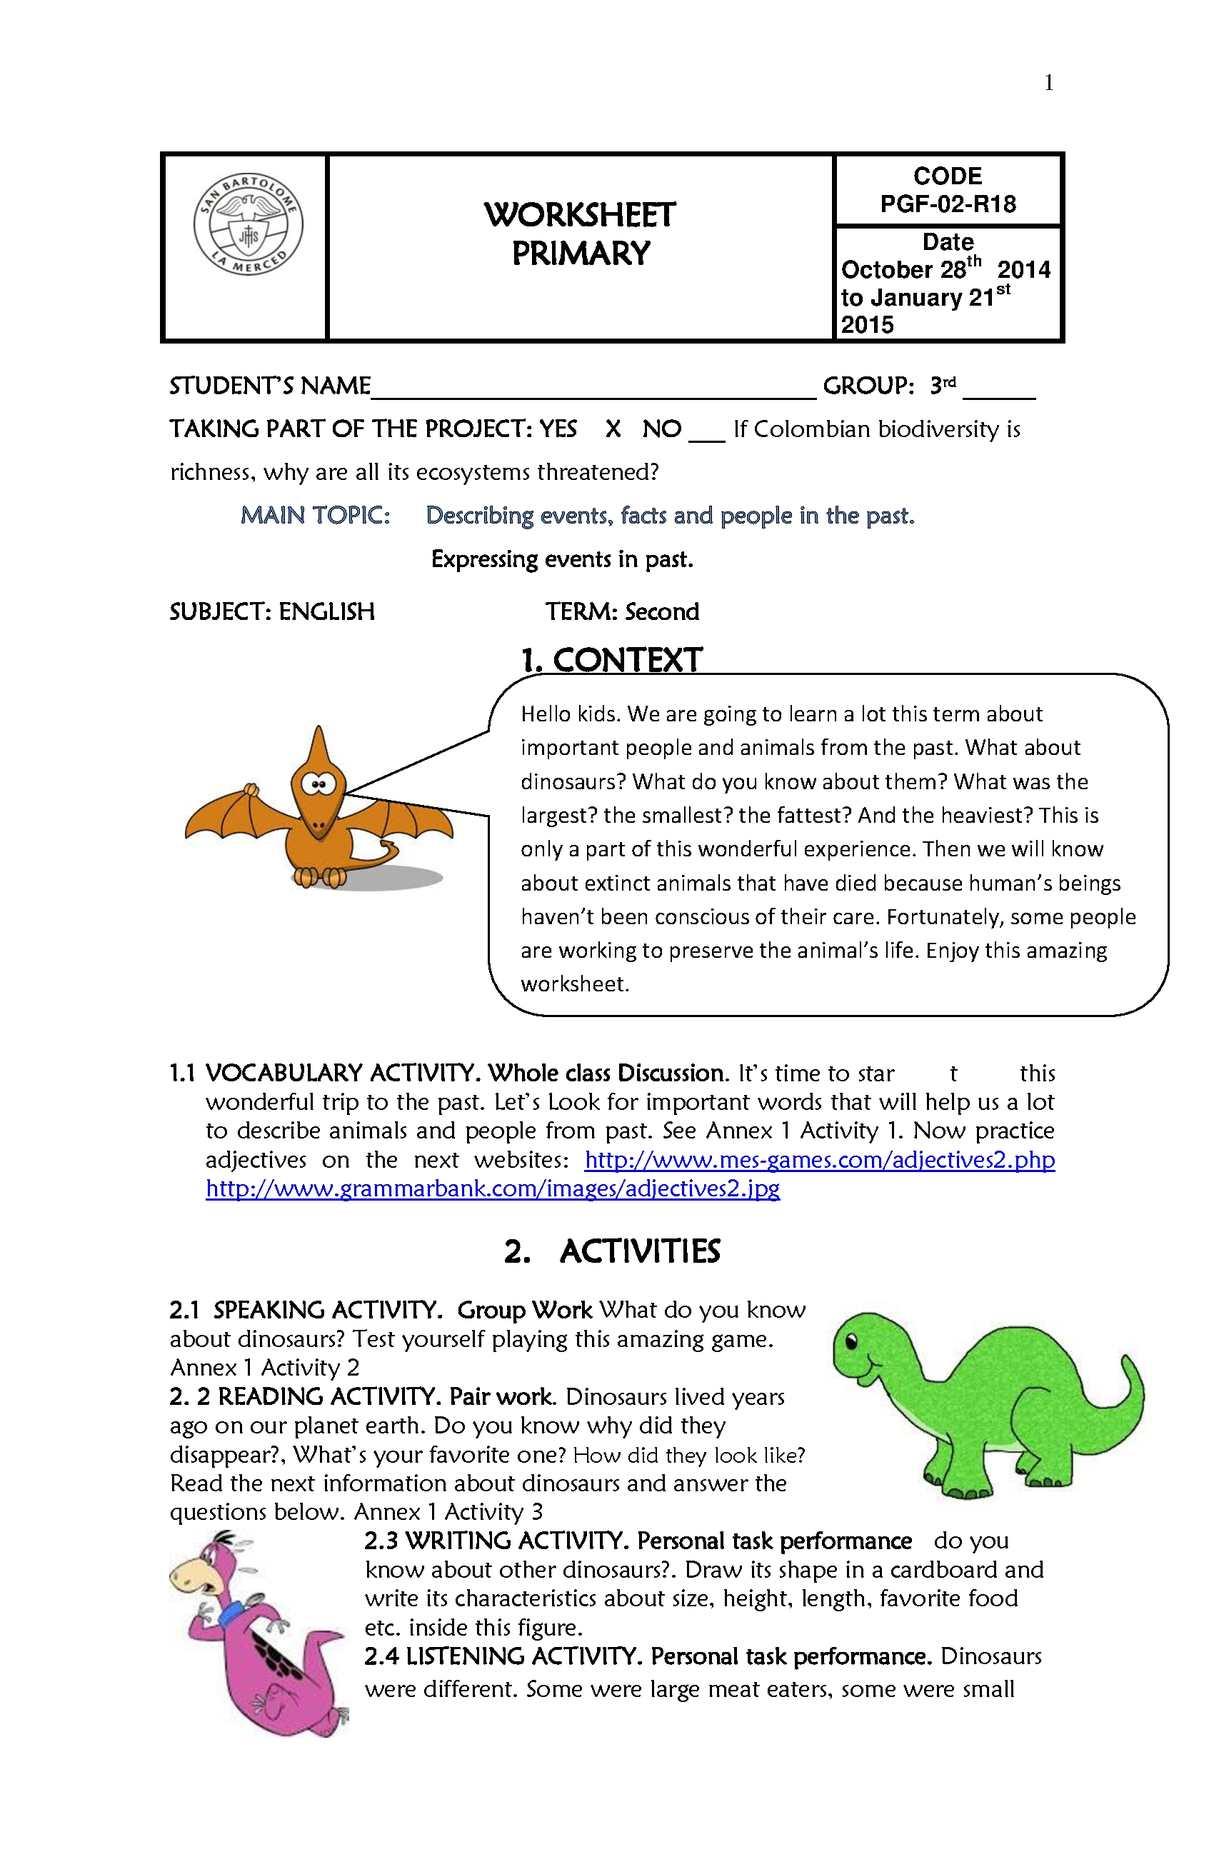 hight resolution of Calaméo - Worksheet Third Grade Second Term